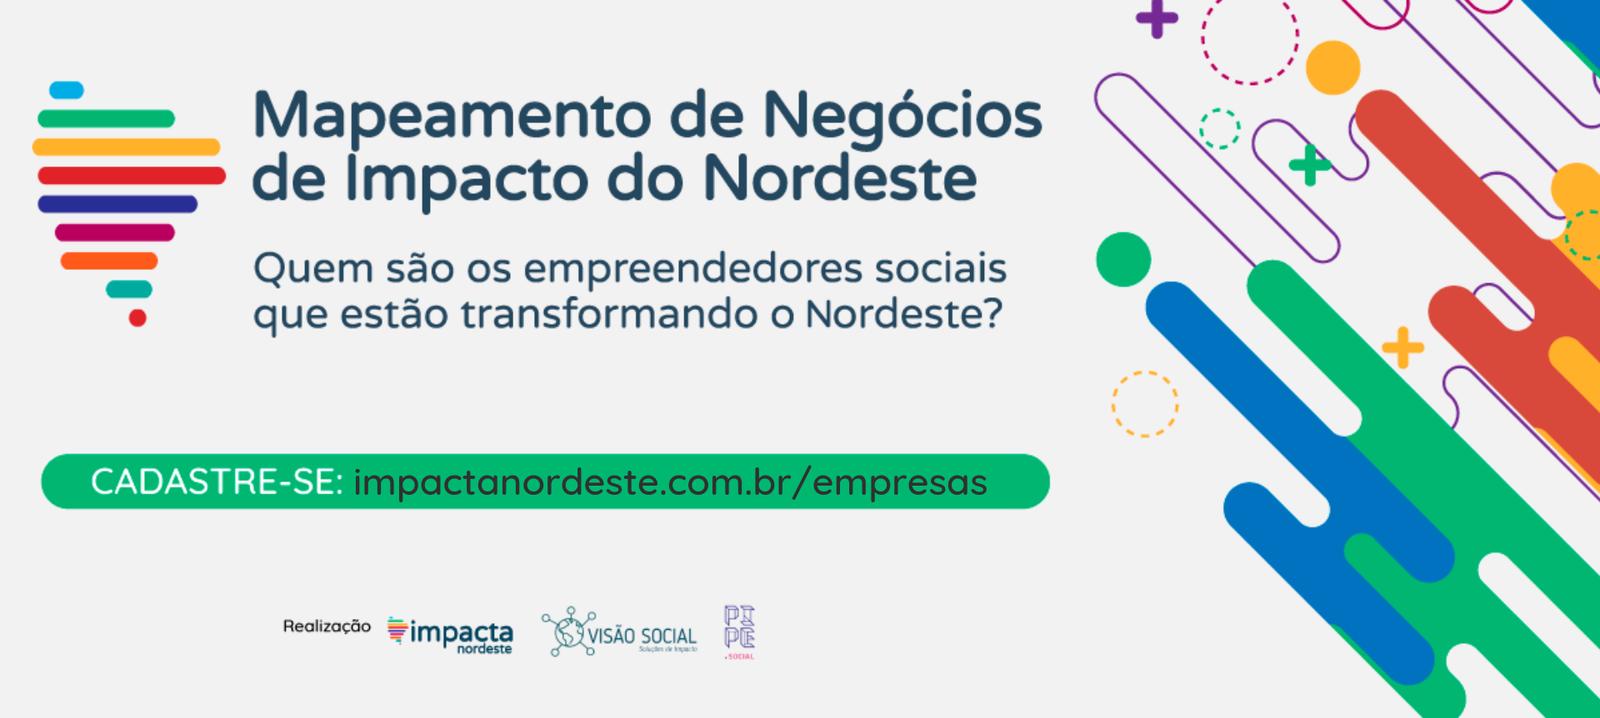 Mapeamento de Negócios de Impacto do Nordeste